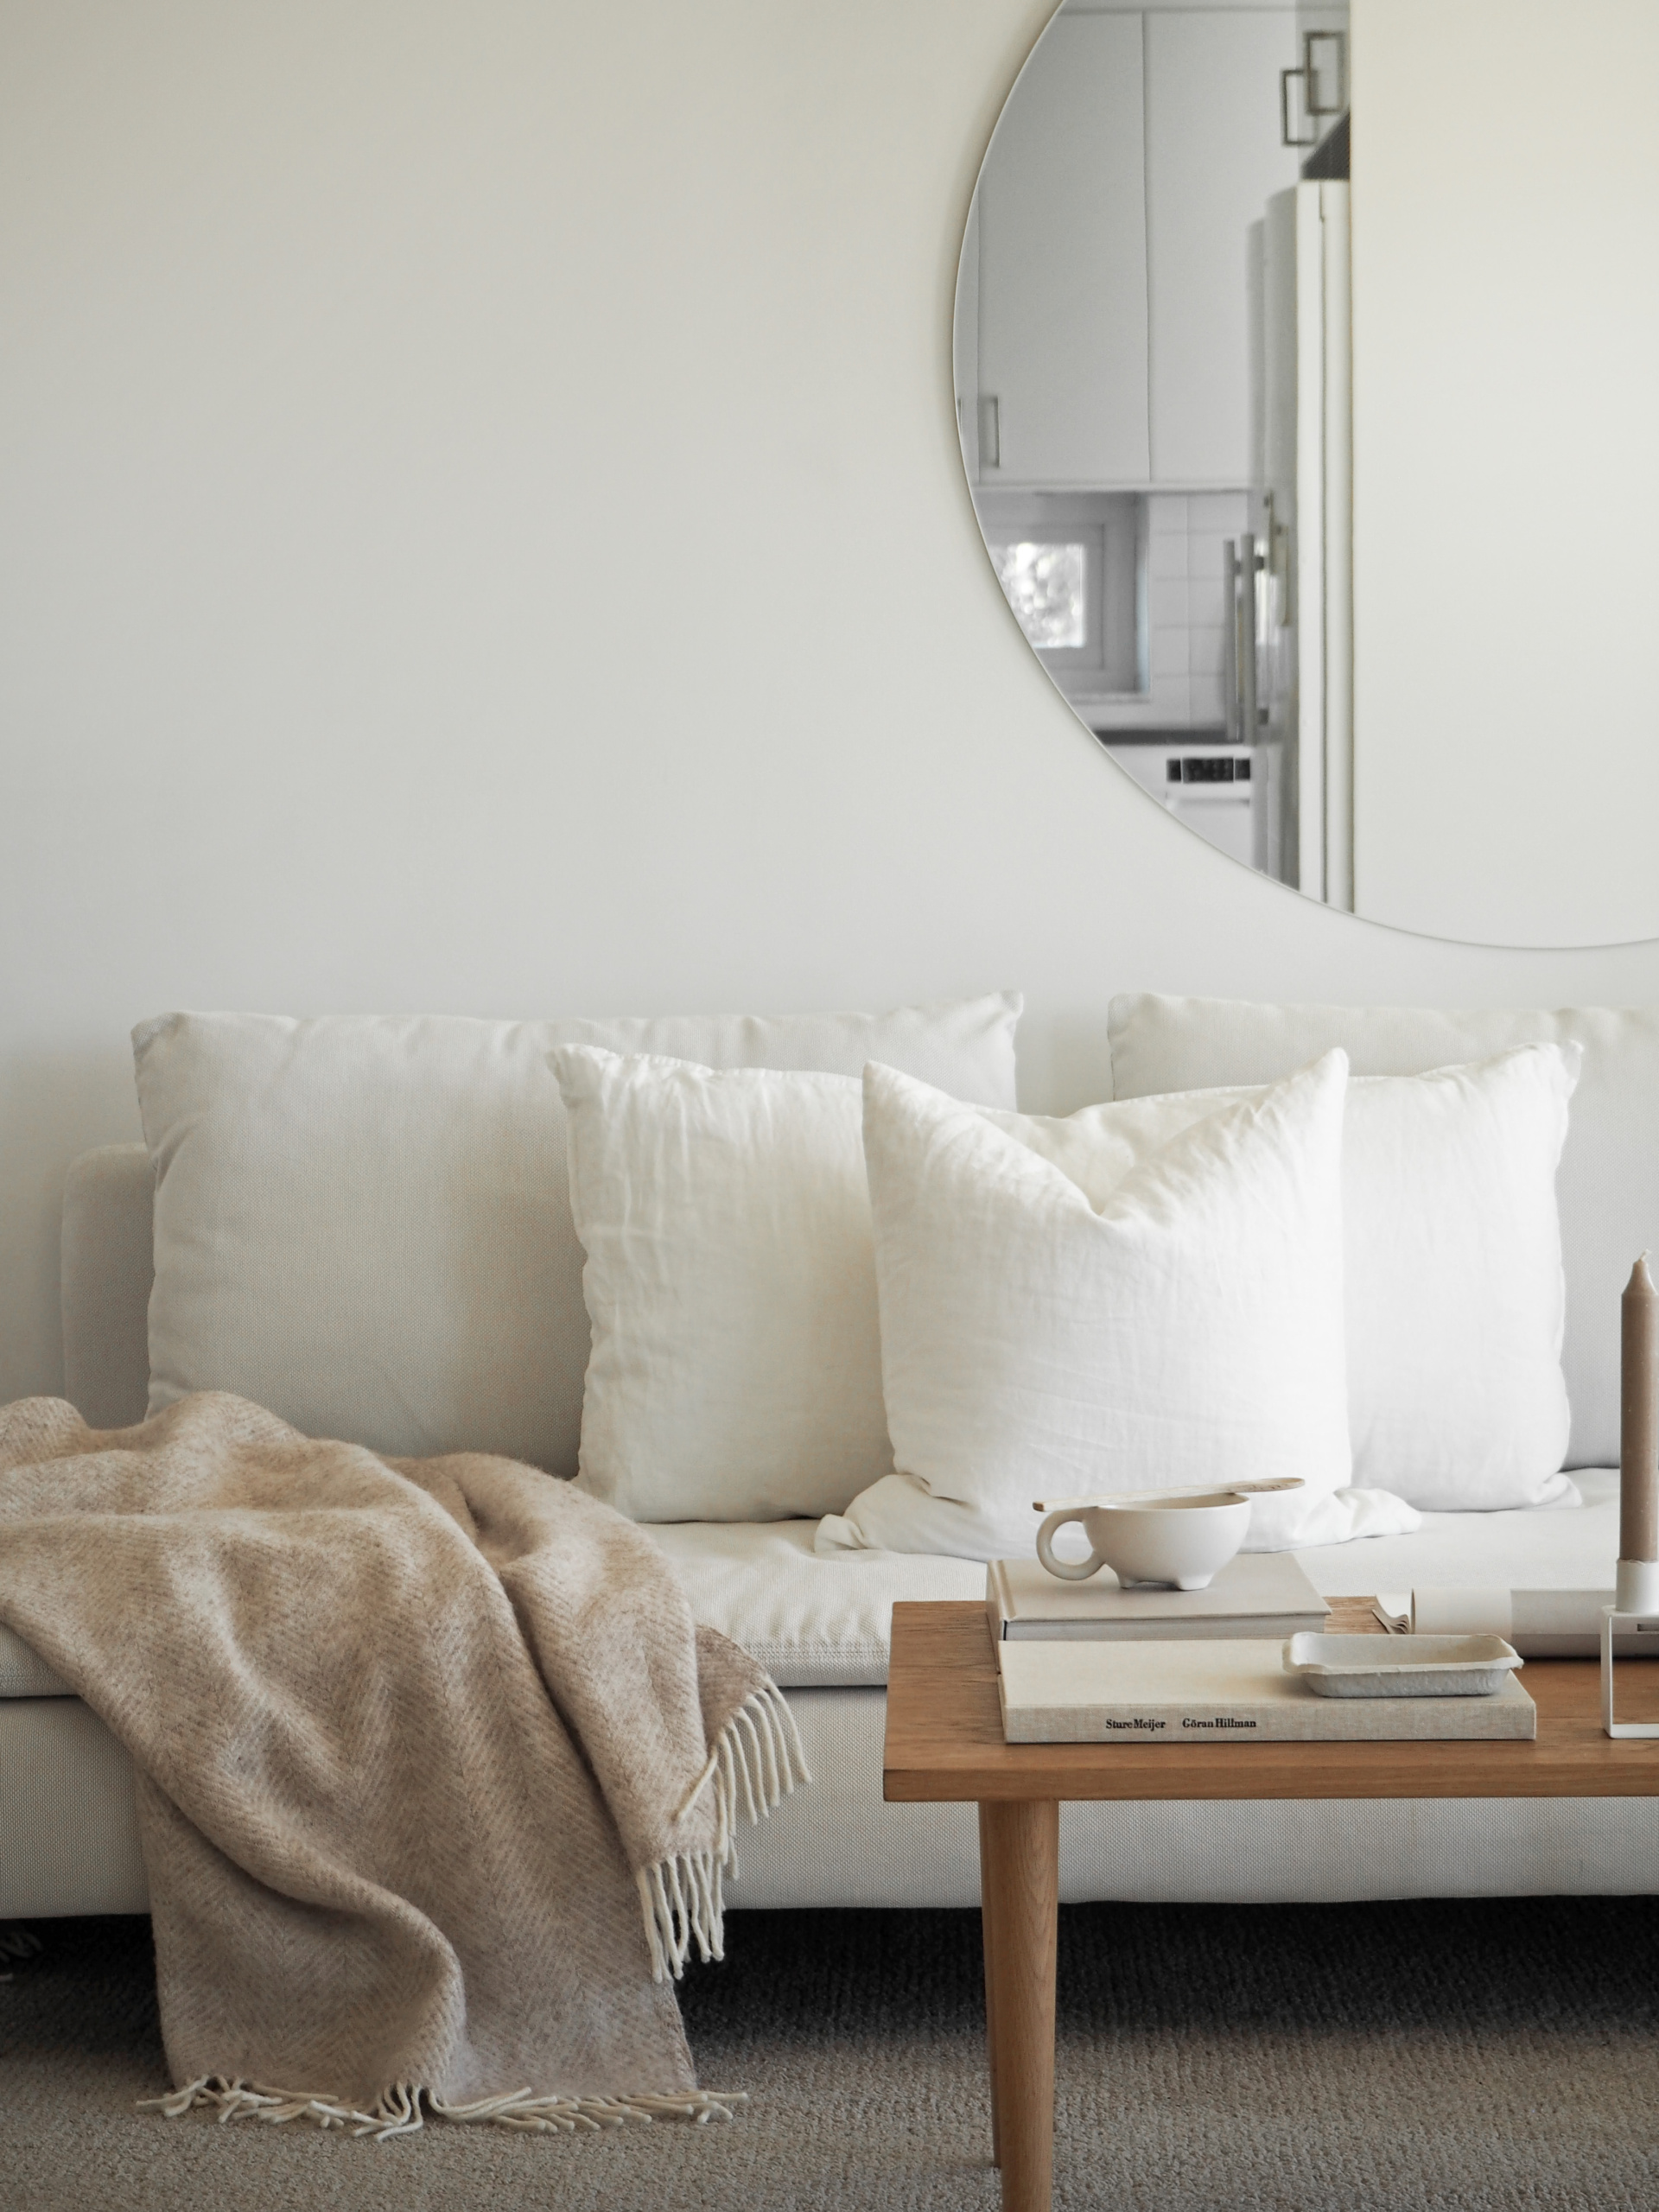 Inredning Homestyling Styling Skellefteå Inredningskonsult Emelie Jäder Fanny Granström Stylat.nu Stylat Repslagargränd Winterfastighetsförmedling